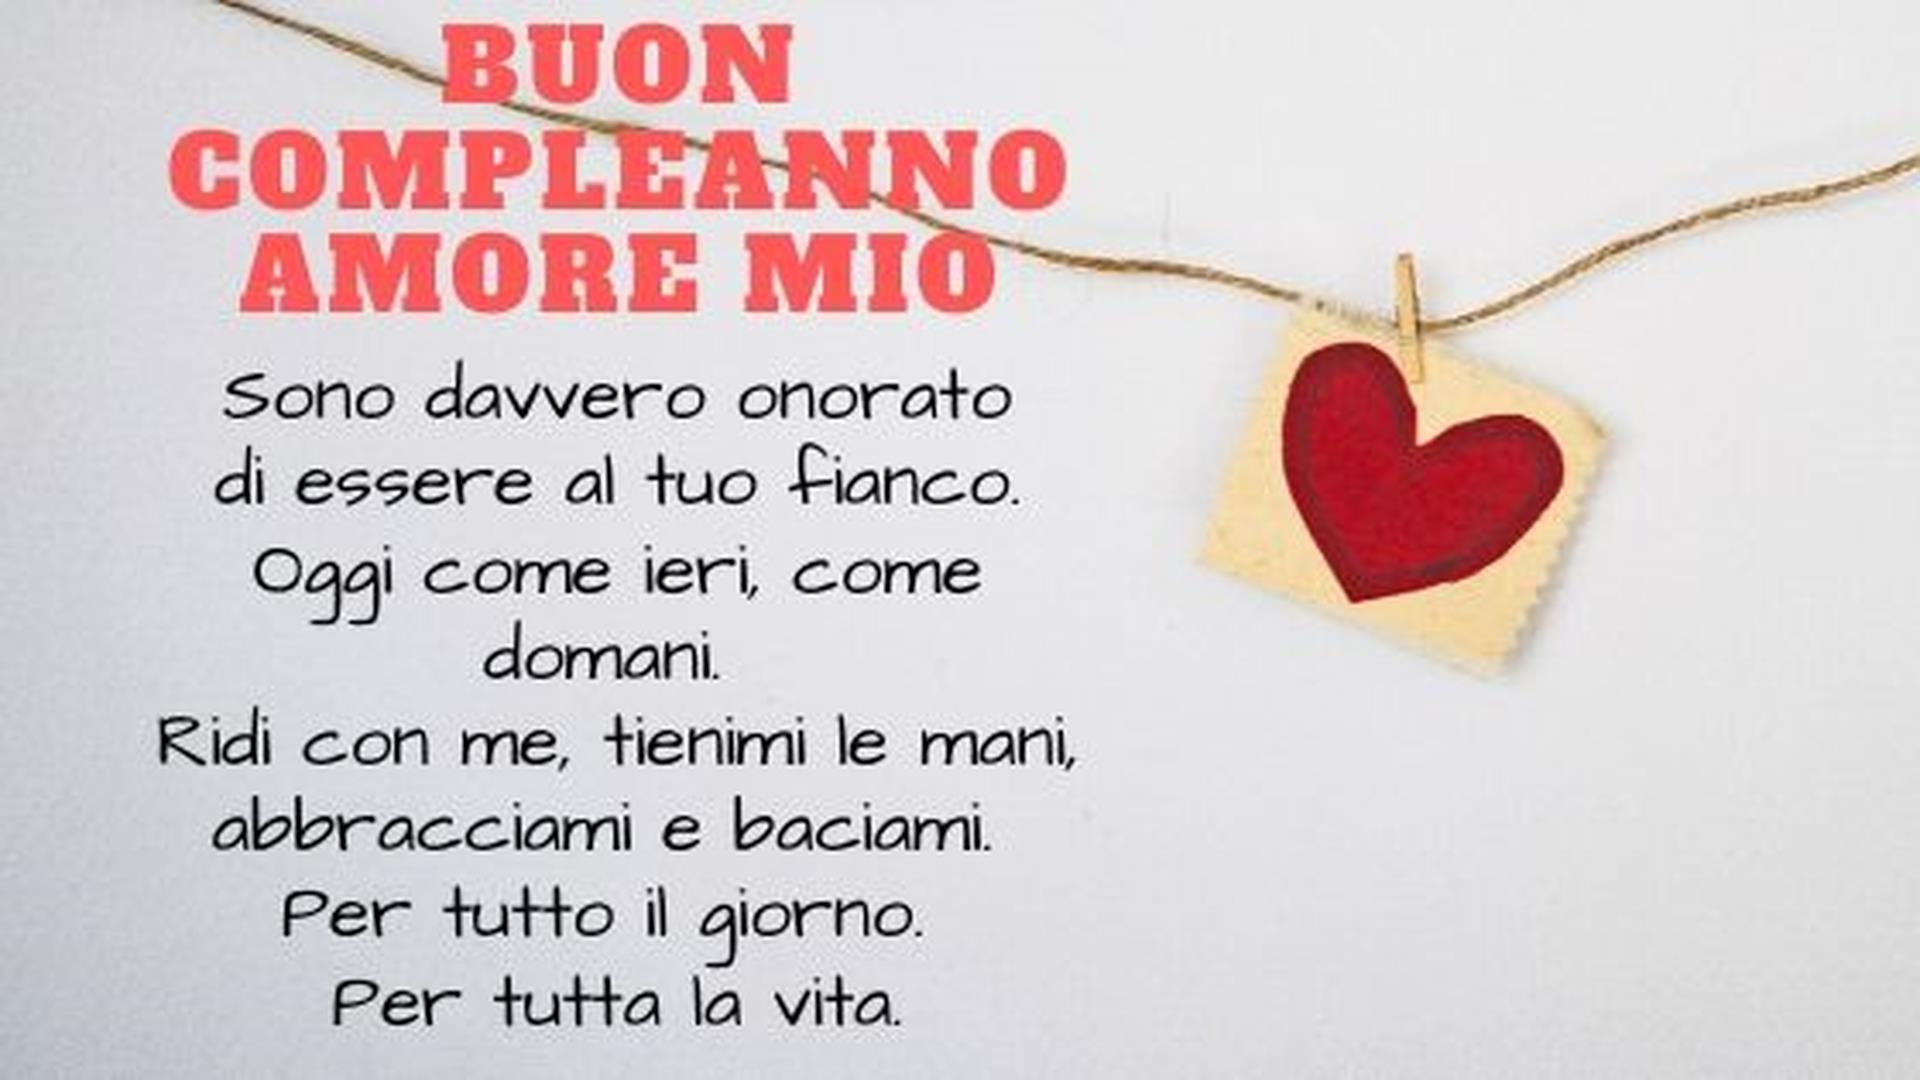 Buon Compleanno Amore Mio 50 Frasi E Immagini Di Auguri Per Lui